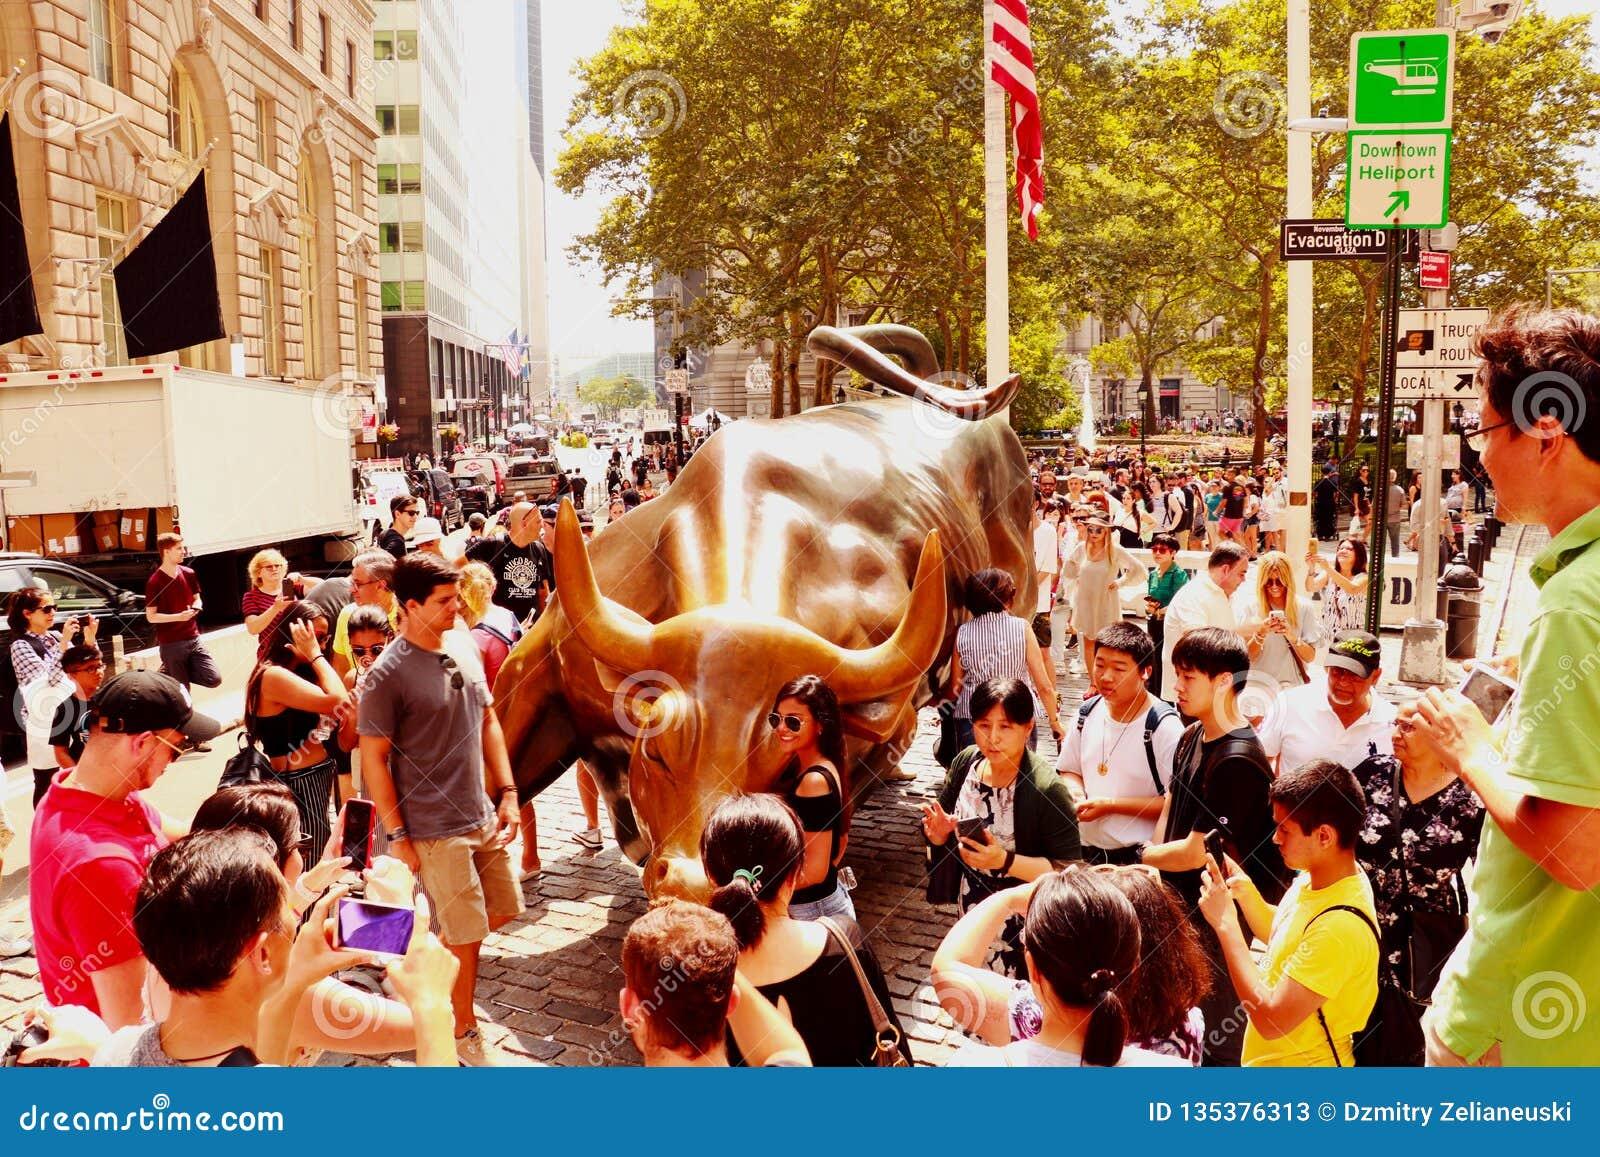 NEW YORK, USA - 31. August 2018: Monument der Aufladung von Stier finanziell auf Broadway, nahe Wall Street im New York mit Leute